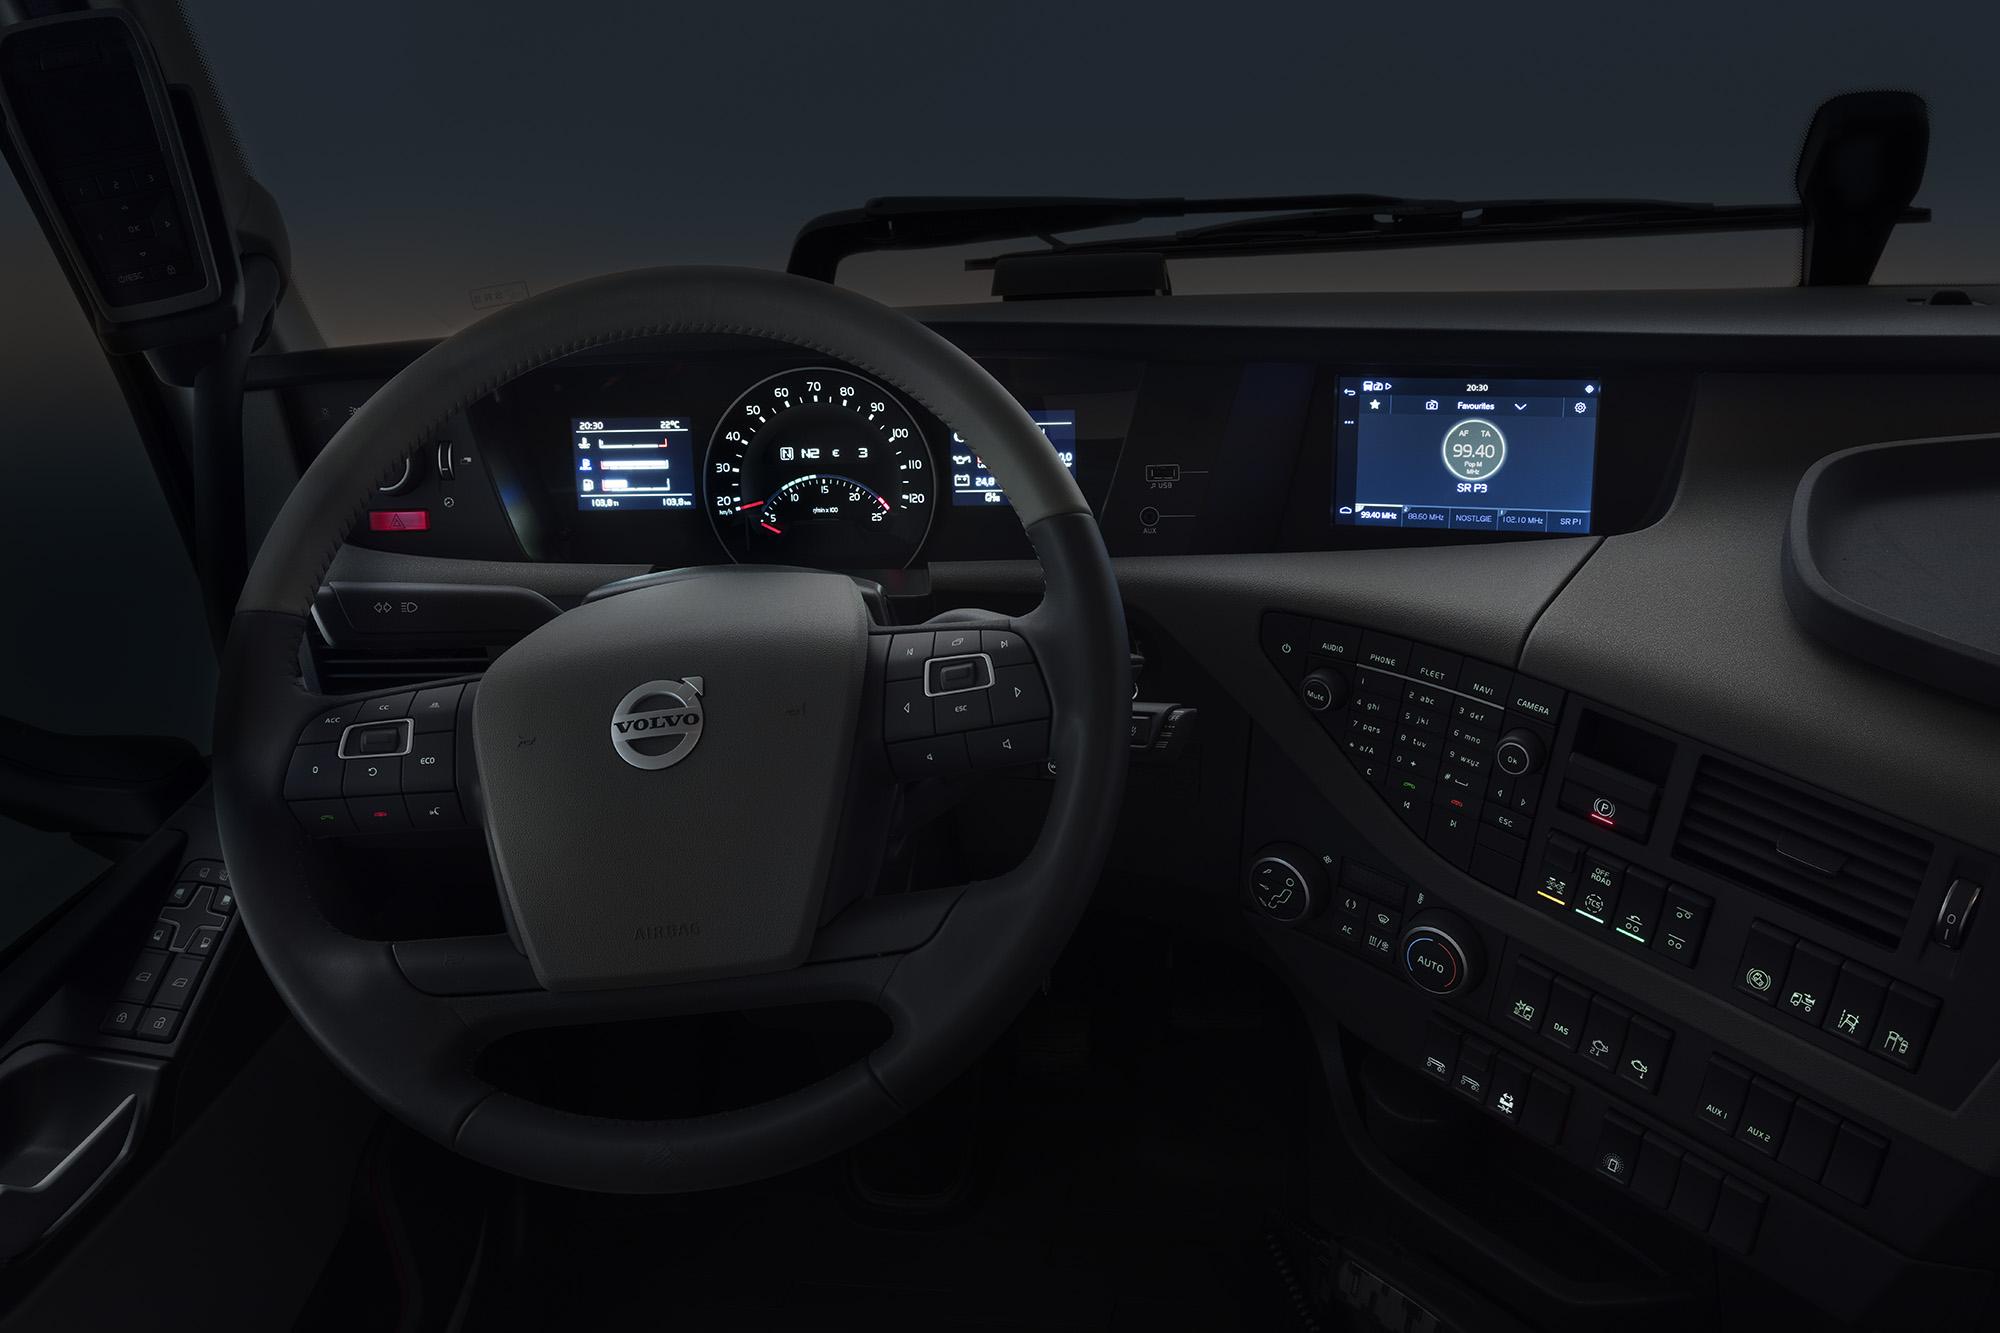 Das Entertainment-System im Fahrerhaus umfasst auch DAB/DAB+ (Digital Audio Broadcasting) und den Zugriff auf Streaming-Dienste. Externe Abspielgeräte, wie zum Beispiel Smartphones und MP3-Player, können ebenfalls über USB/AUX-Buchsen angeschlossen werden.